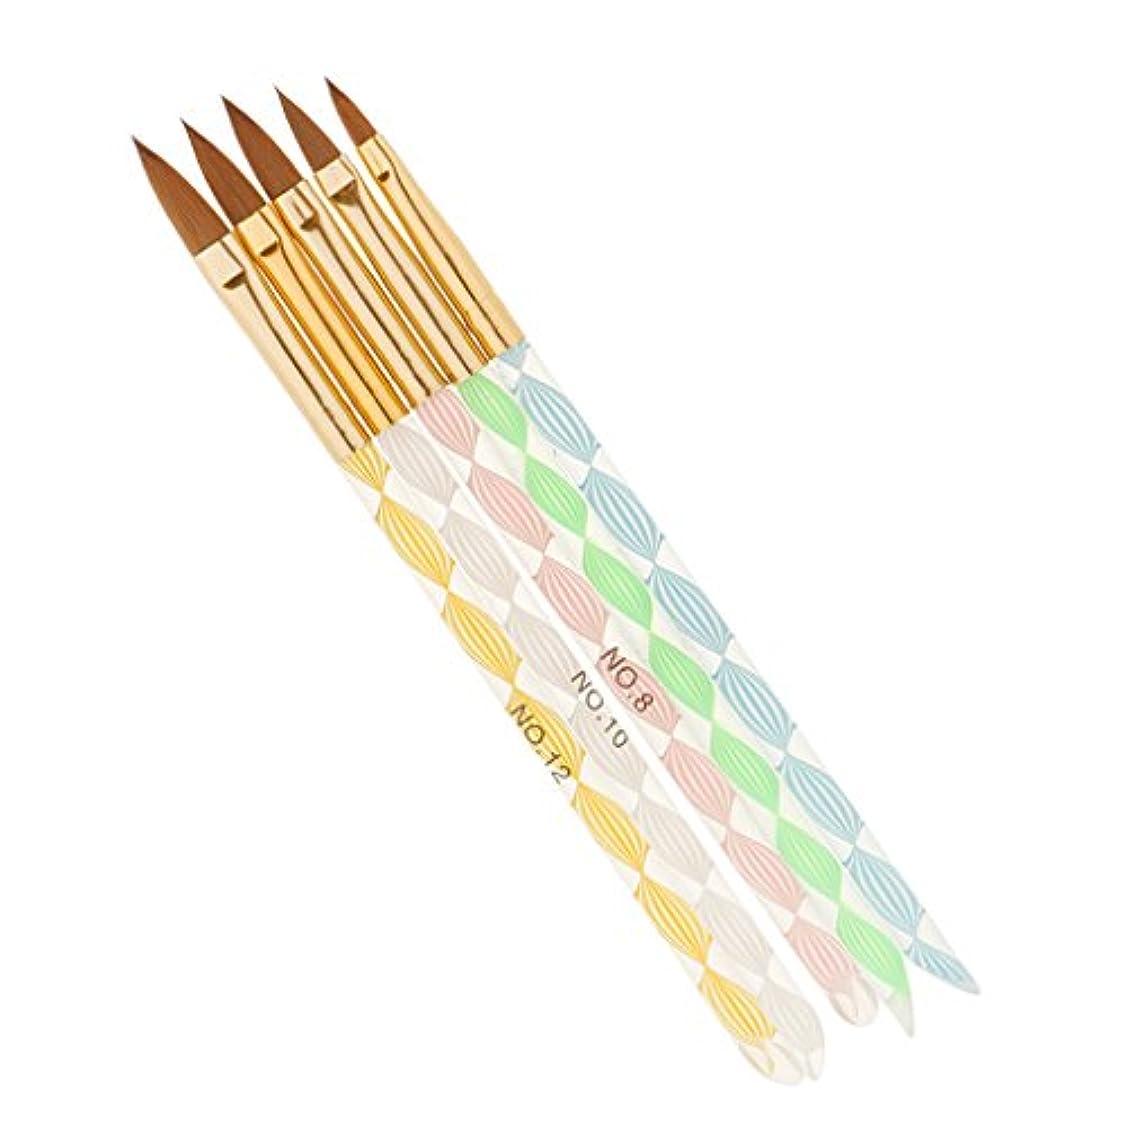 給料元気な信頼できるPerfk 5本 ネイルアート デザイン ブラシキット マニキュアツール 絵画 描画 磨き ブラシ